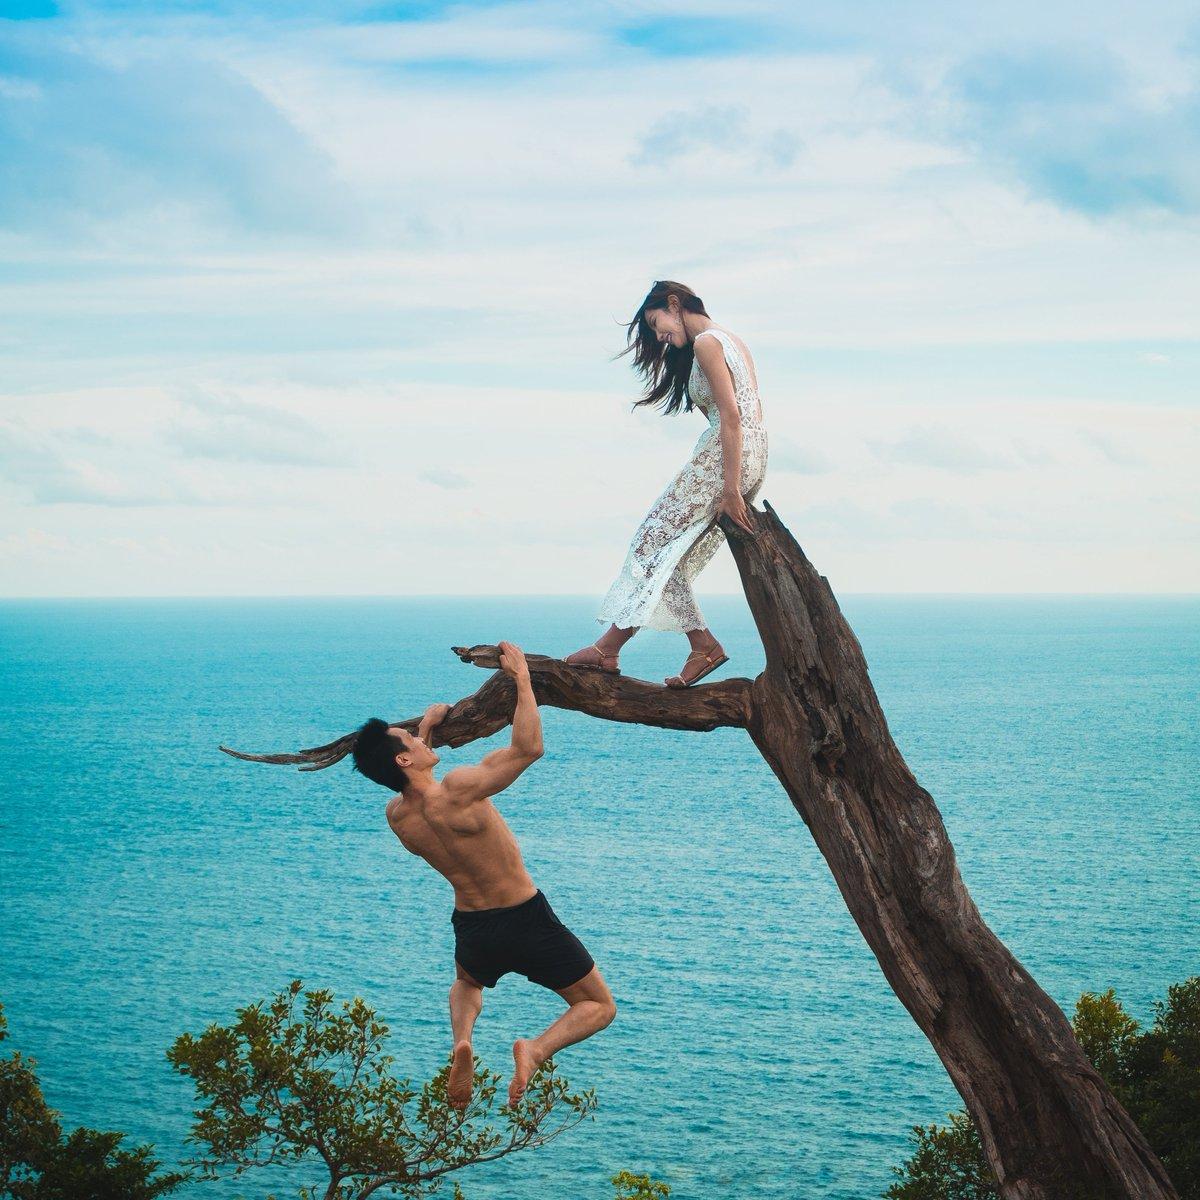 norgesdate amerikanske kvinner fra jönköping på jakt etter uforpliktende dating